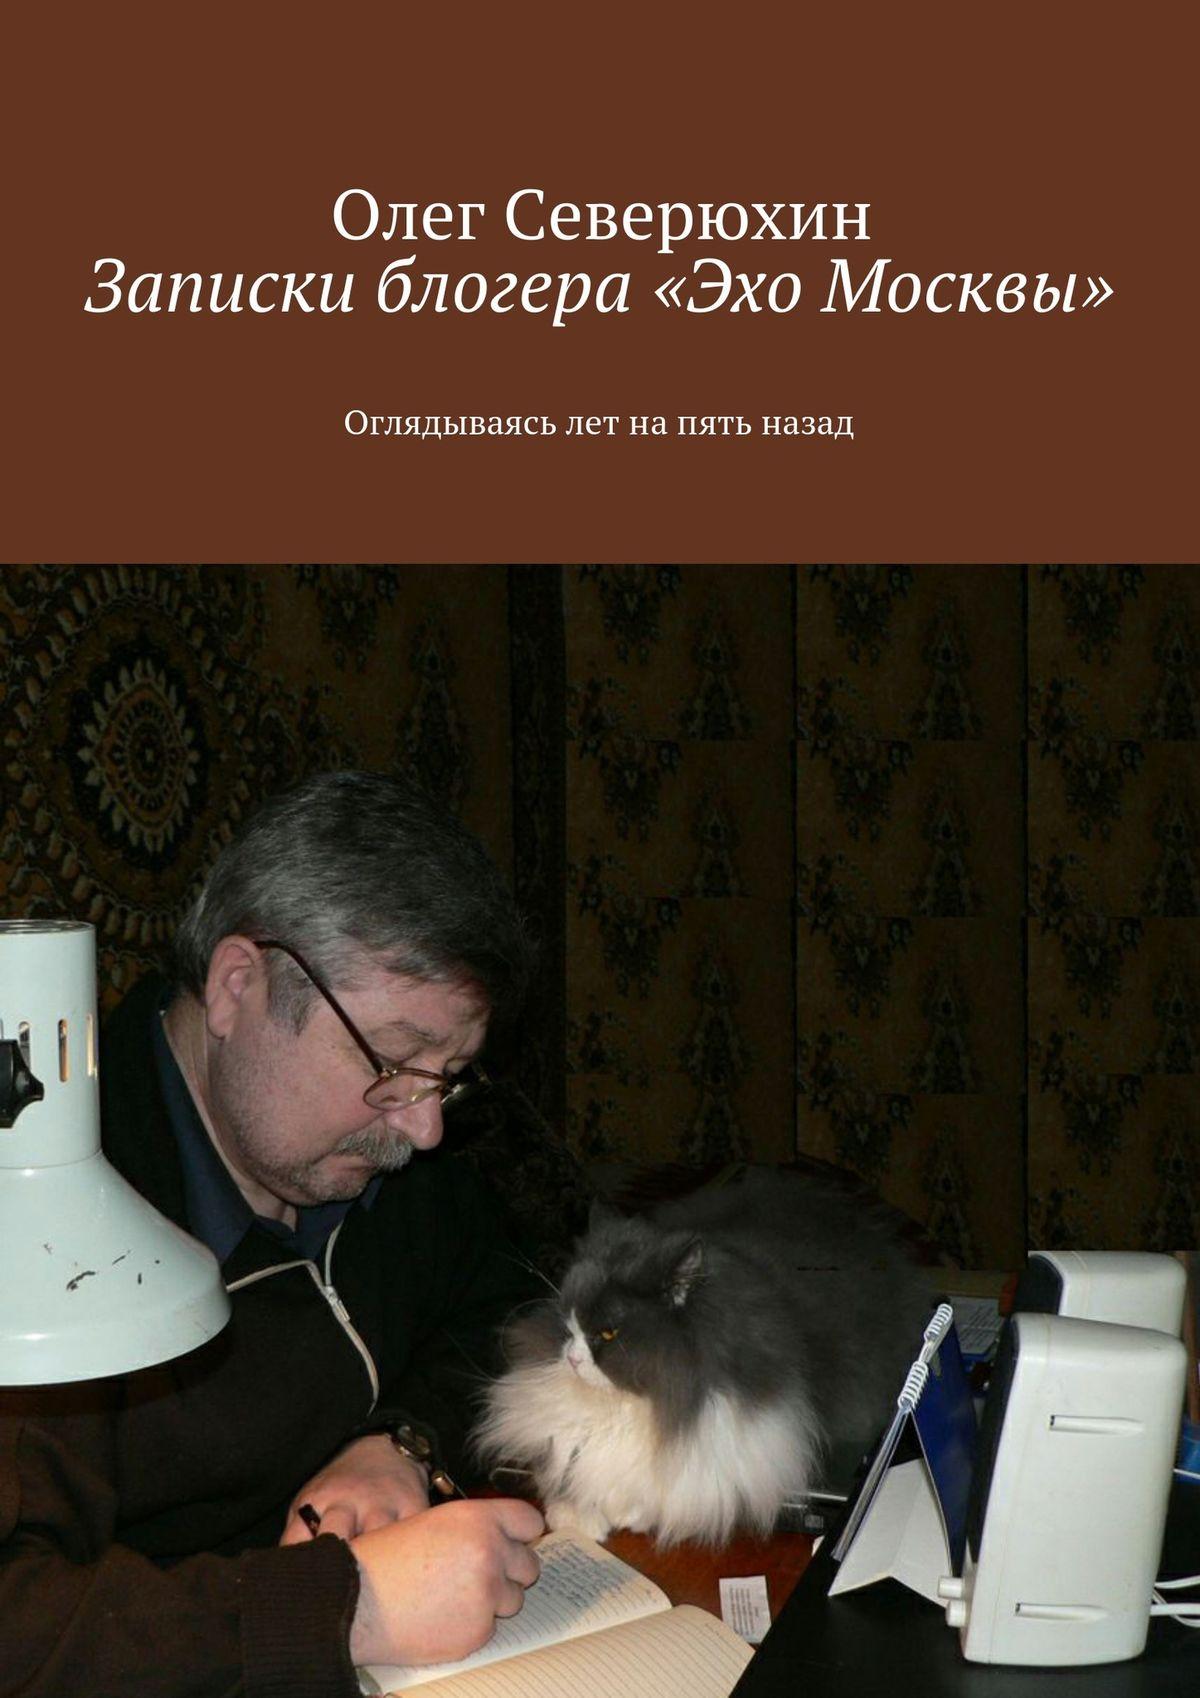 Олег Васильевич Северюхин Записки блогера «Эхо Москвы» цена в Москве и Питере